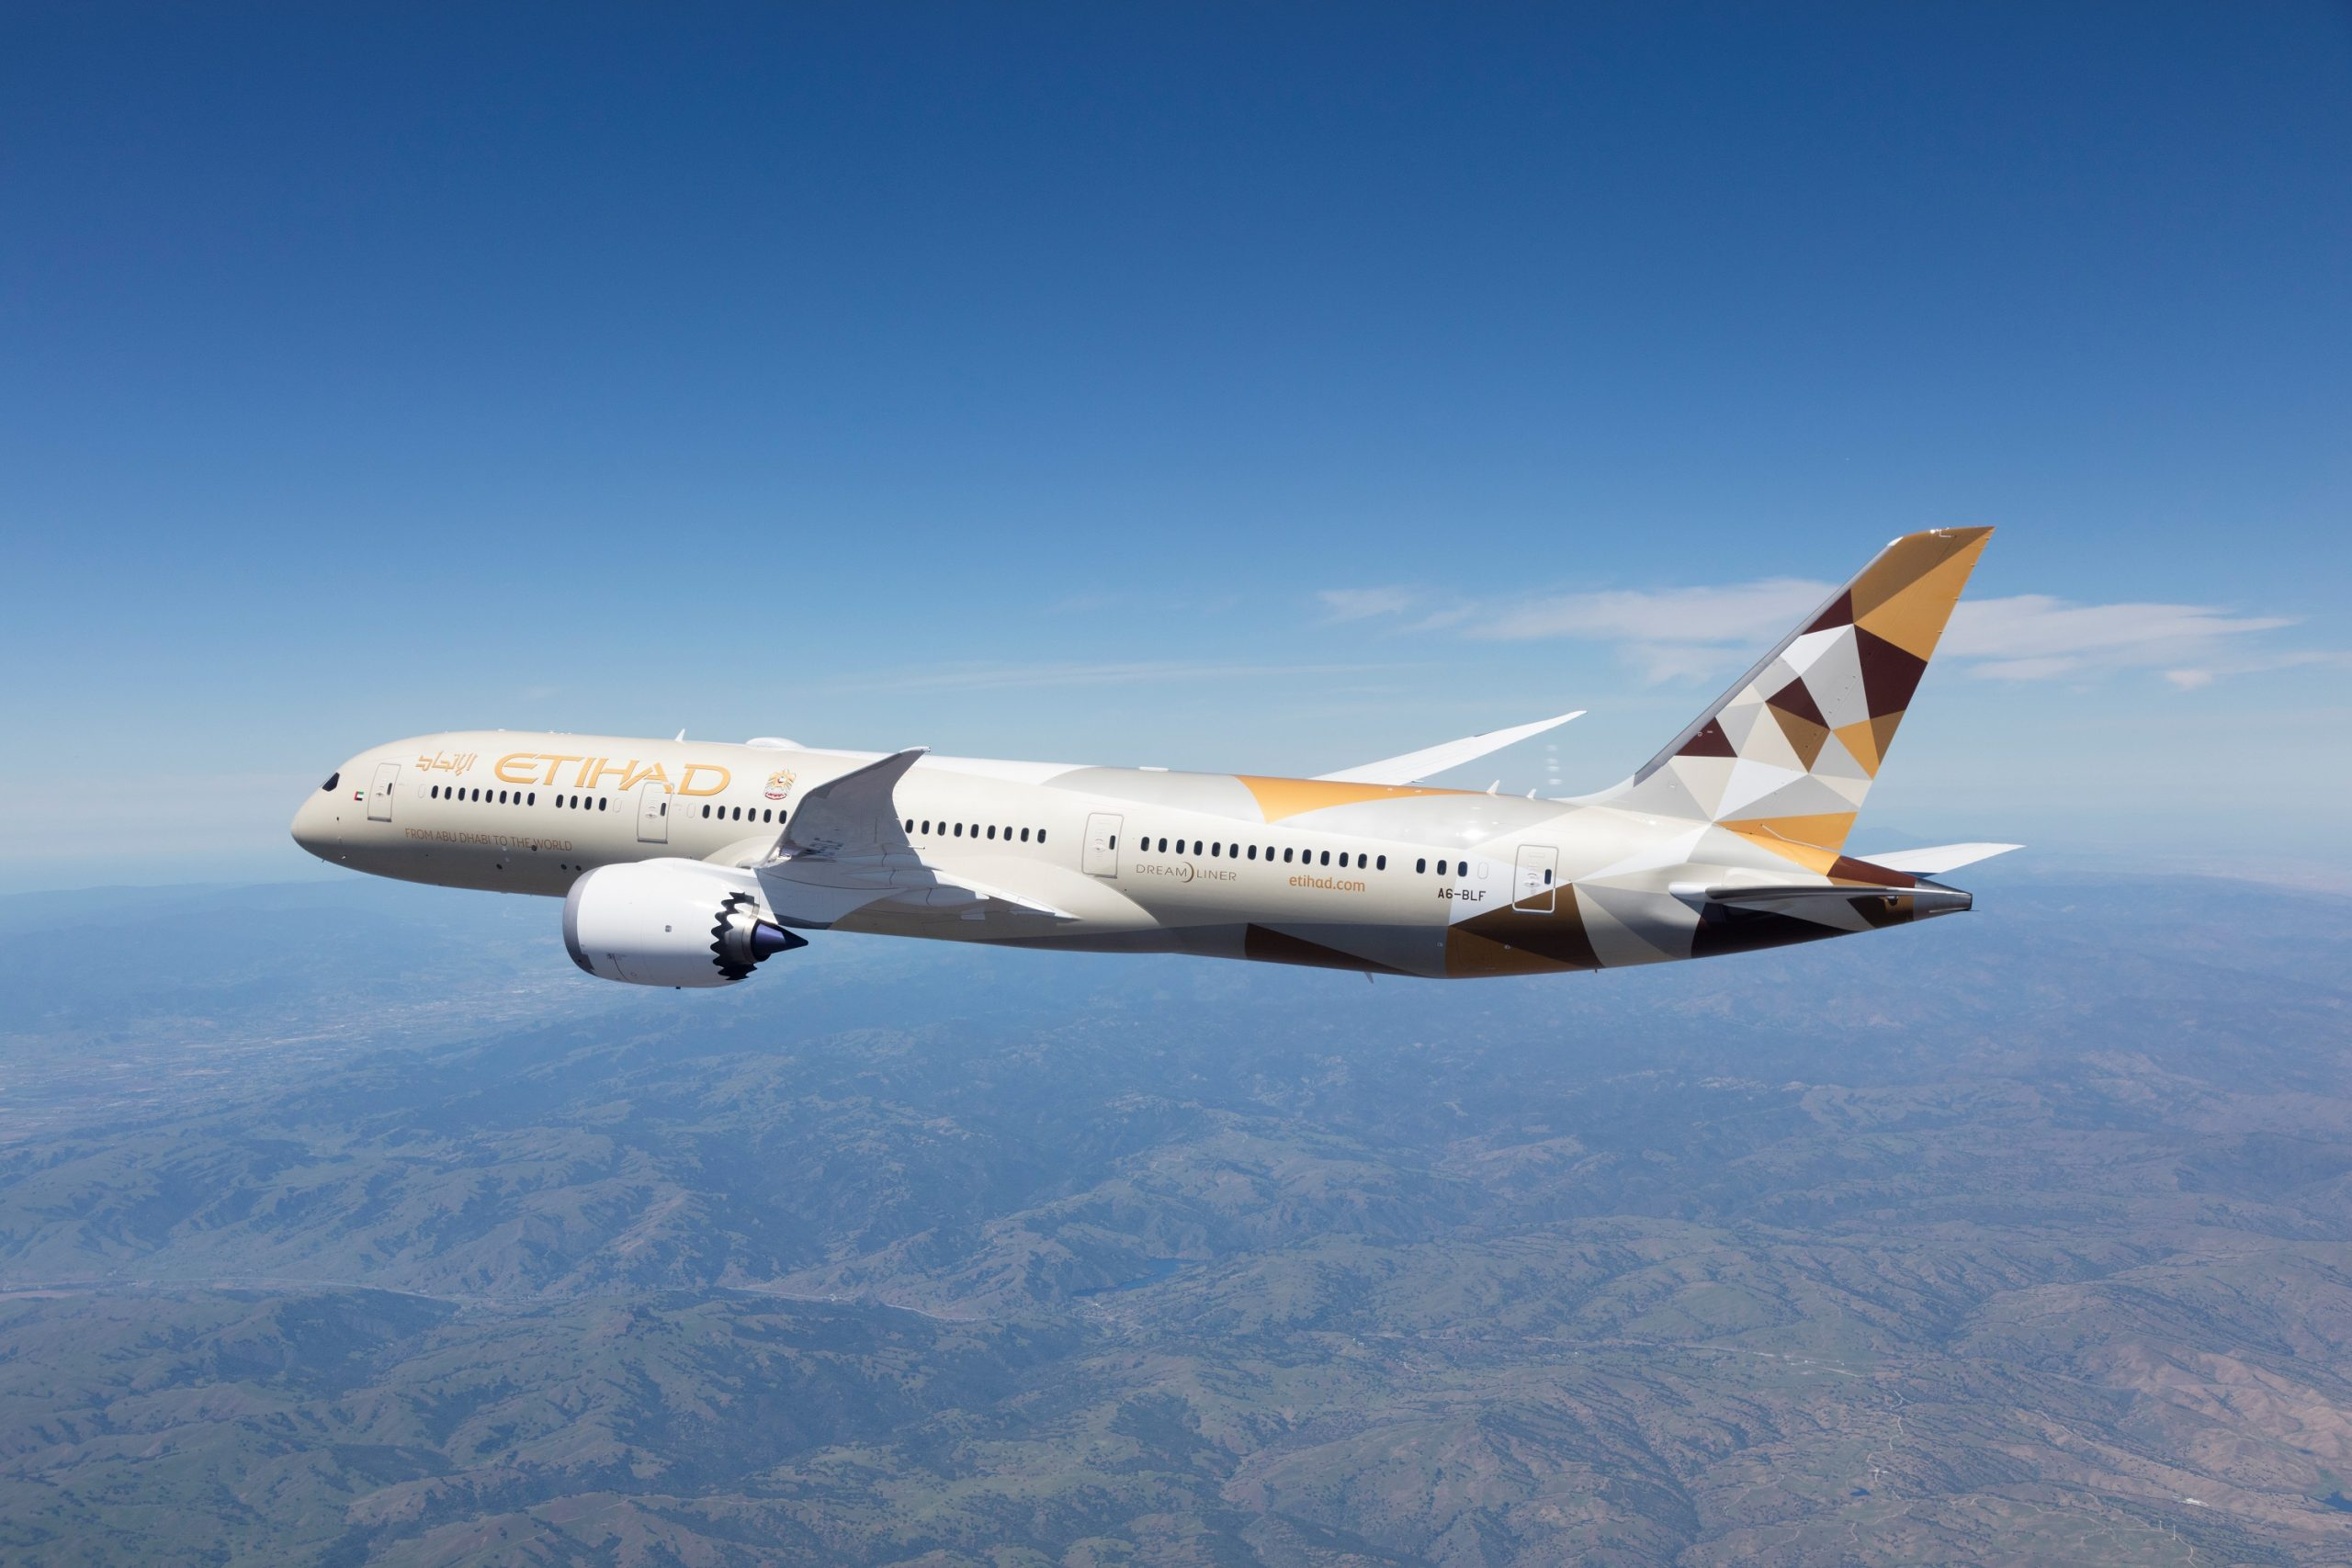 """""""إيكاو"""" و""""إياتا"""" و (ACI) تدعو الحكومات في الشرق الأوسط لتطبيق الإرشادات العالمية لإعادة الإطلاق الآمن للطيران"""